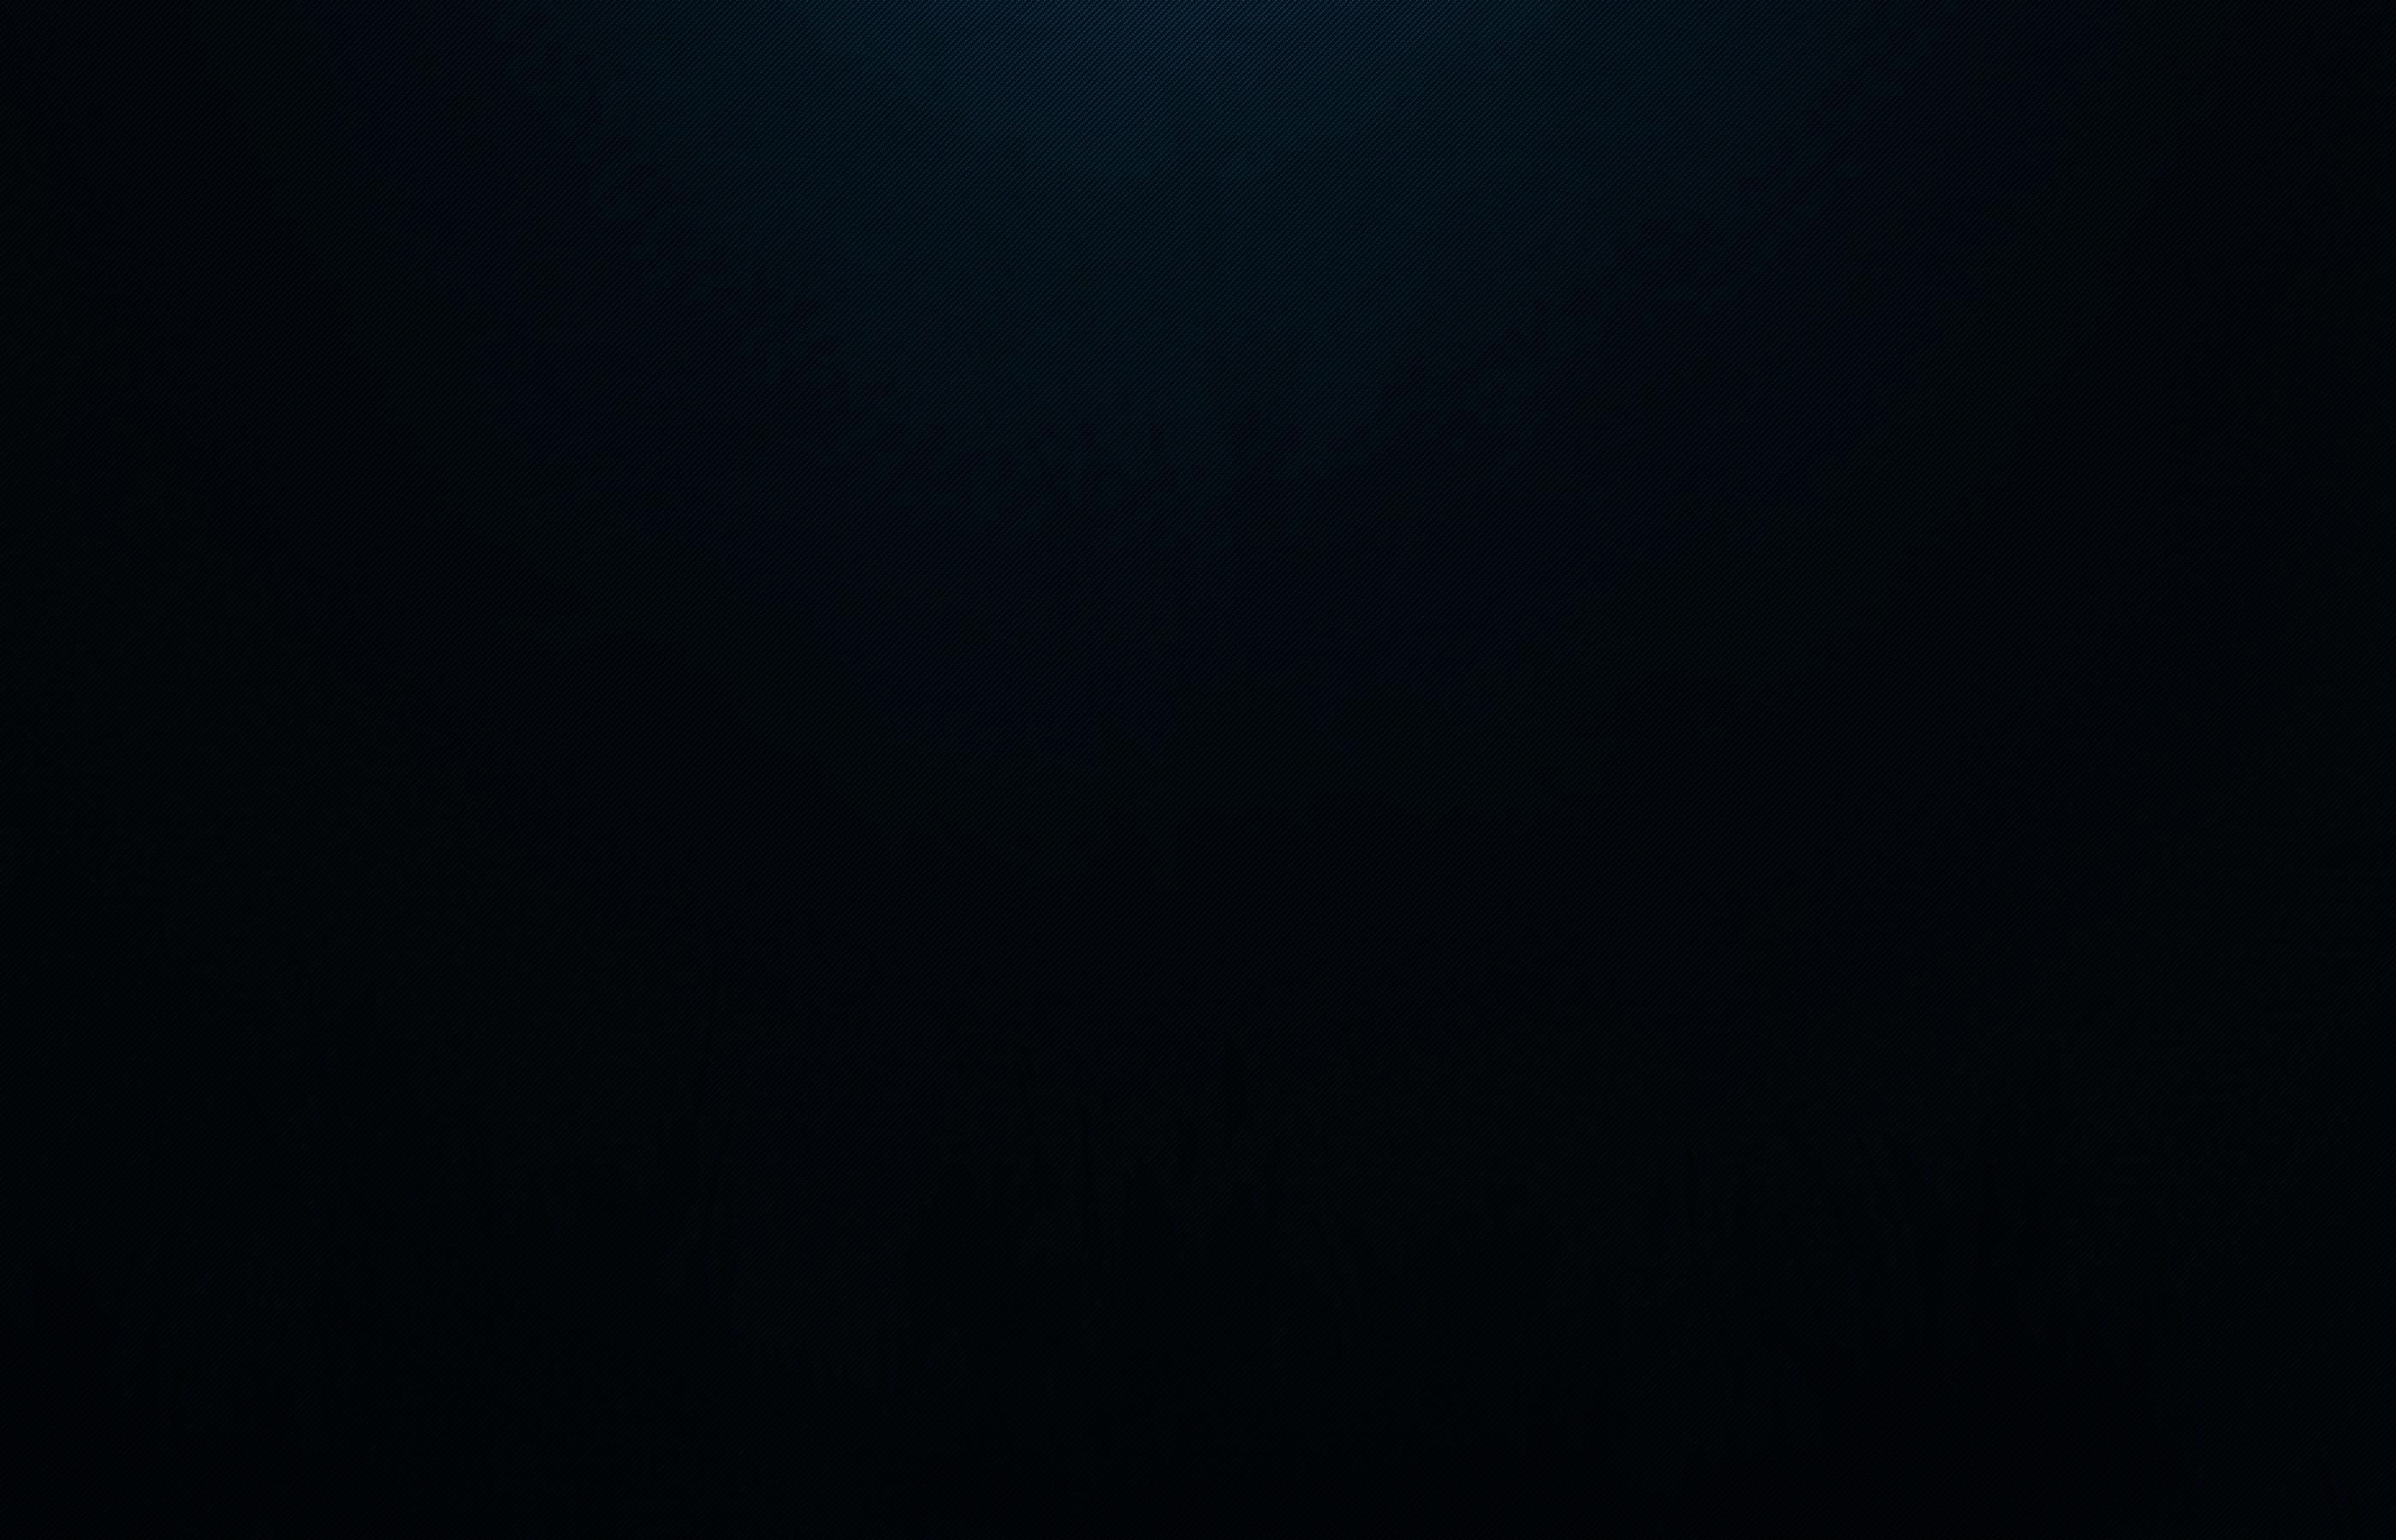 minimalism simple gradient atmosphere darkness